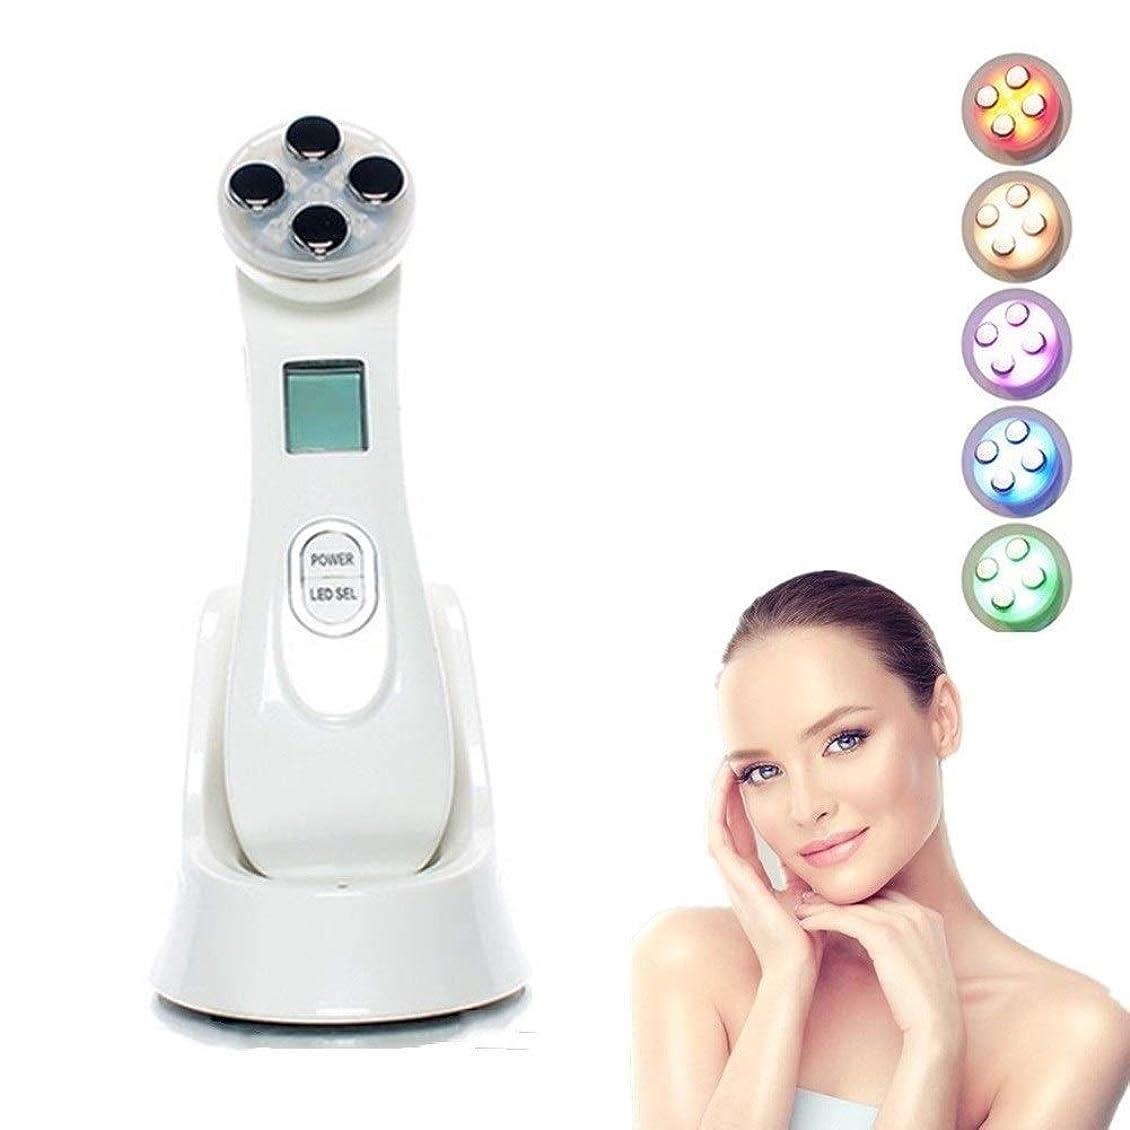 良性リファインクロスしわの取り外しを白くする美の器械、顔機械および1つの赤いLED光線療法に付き5つおよび6つのモード顔のマッサージャーのスキンケアの顔の洗剤にきびのアンチエイジング